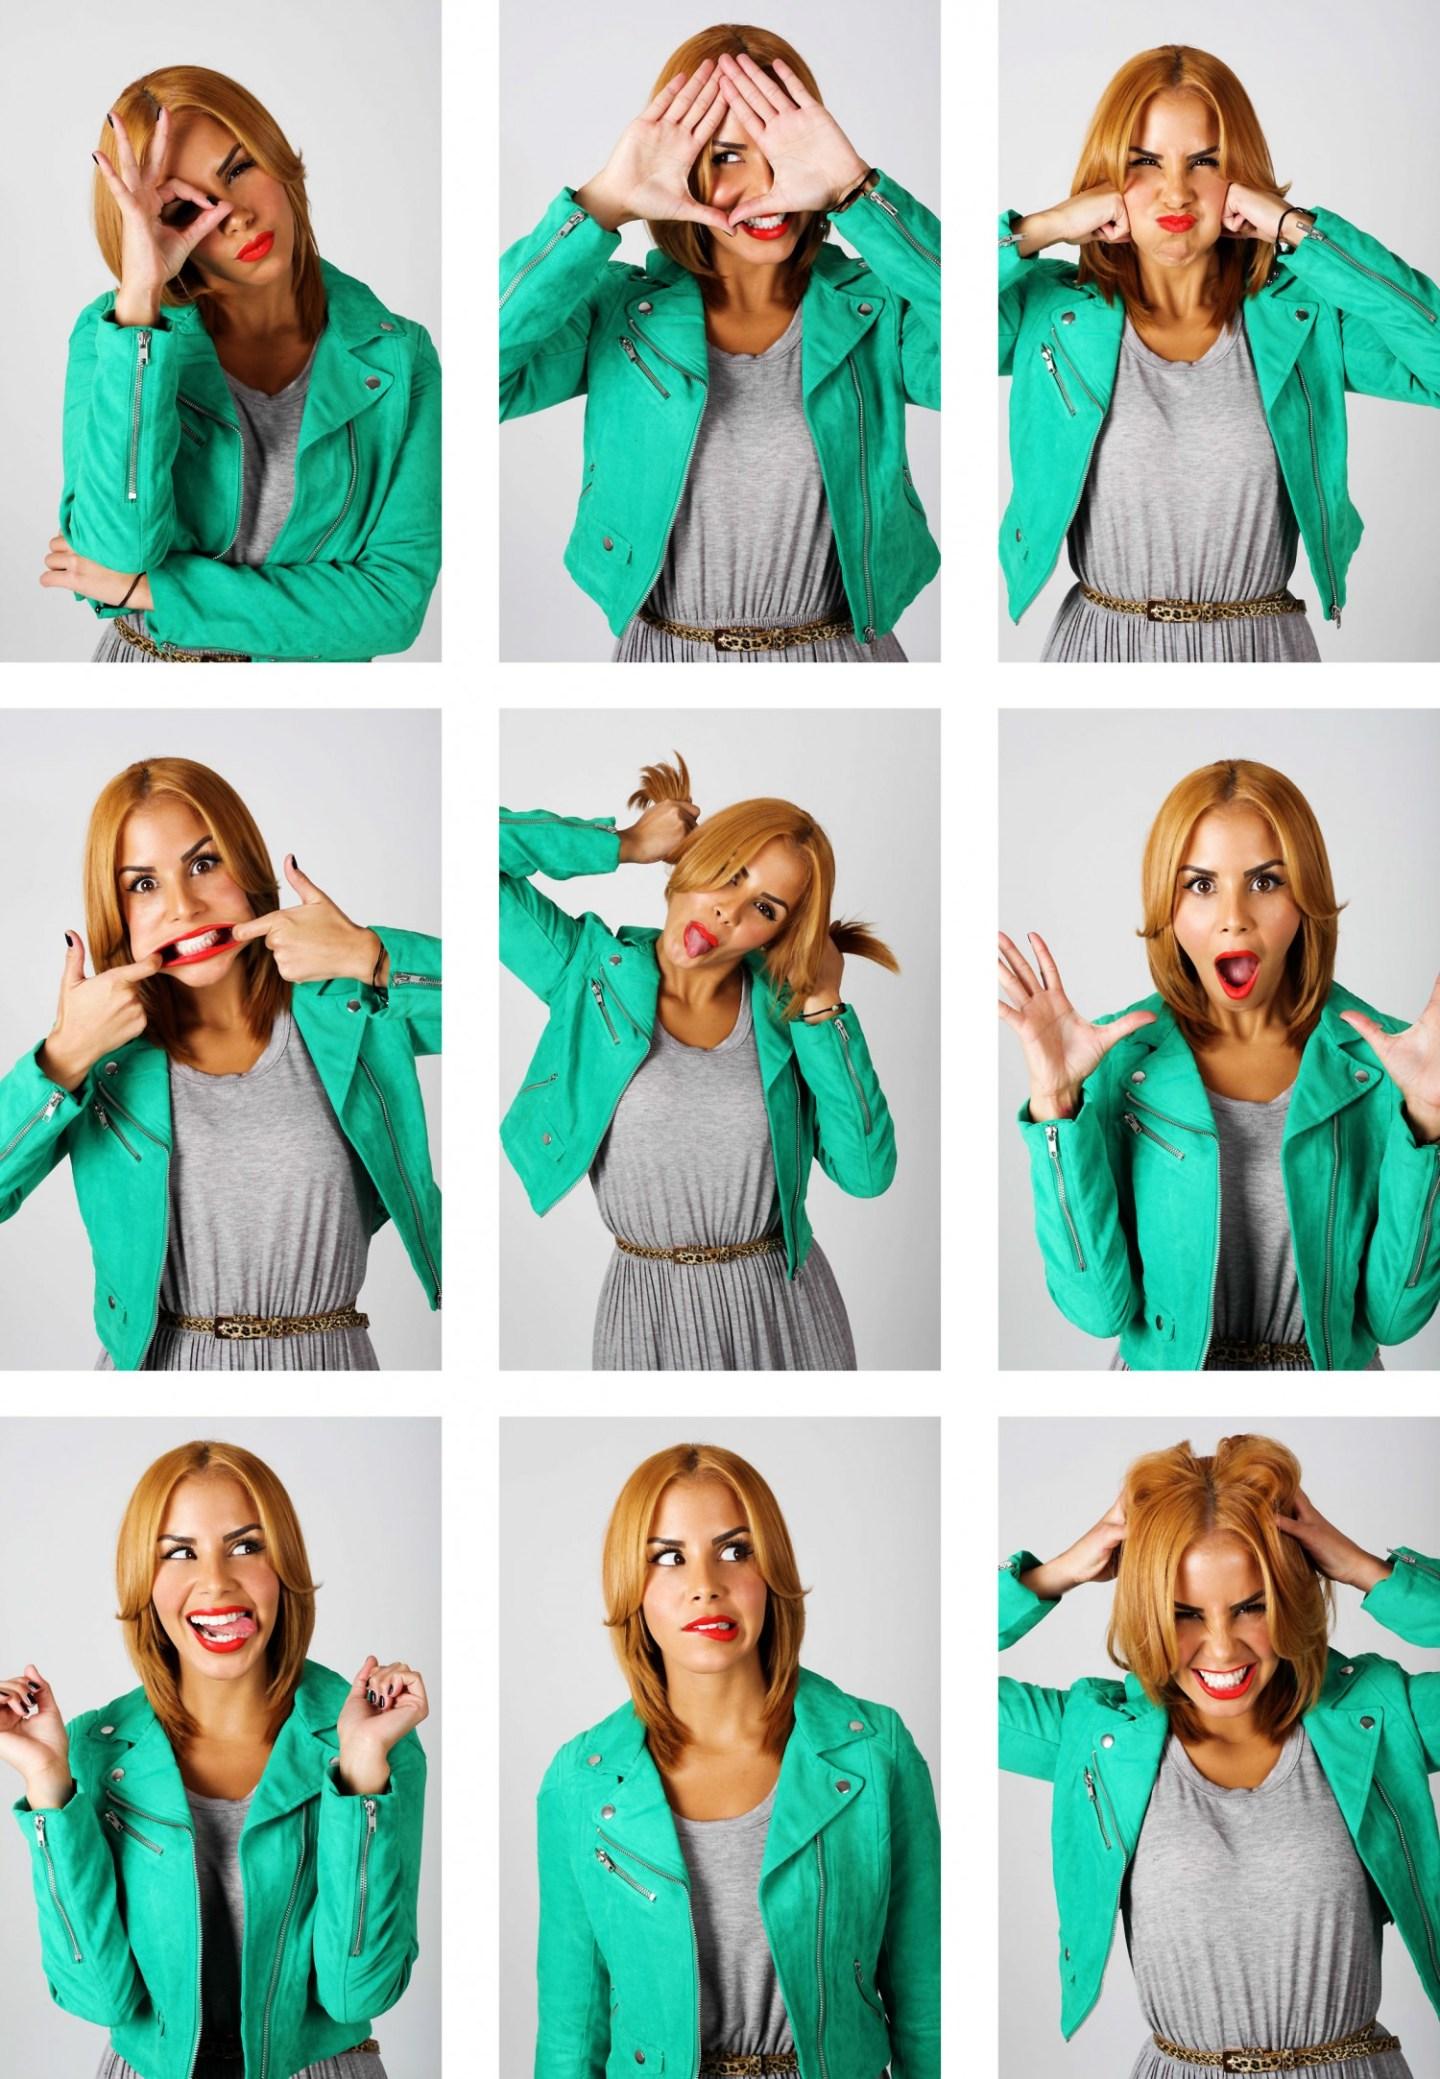 Shanie's 2013 Photoshoot